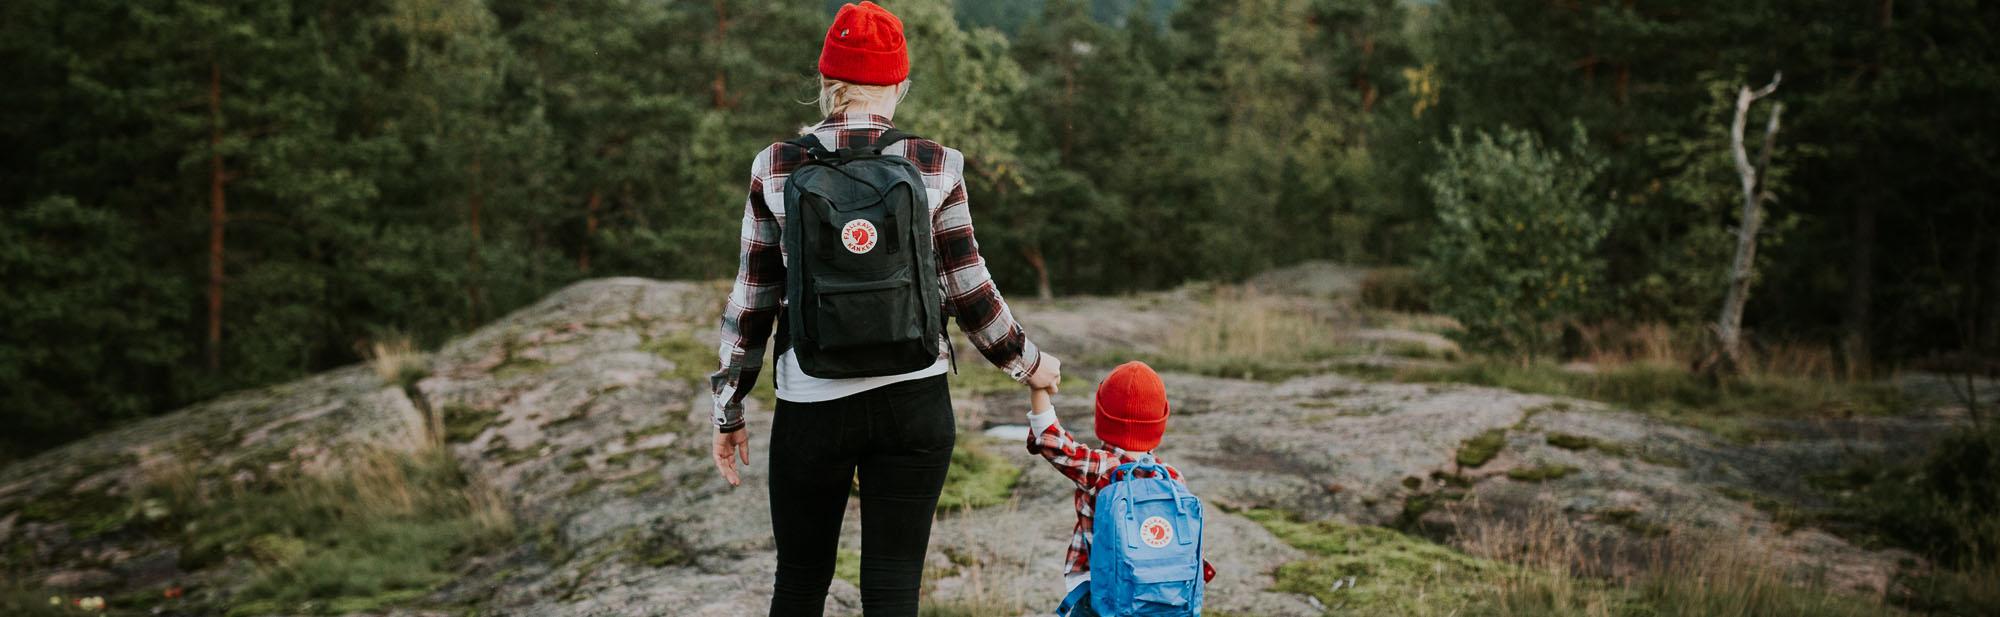 Äiti ja lapsi retkeilevät kallioisessa metsämaastossa.